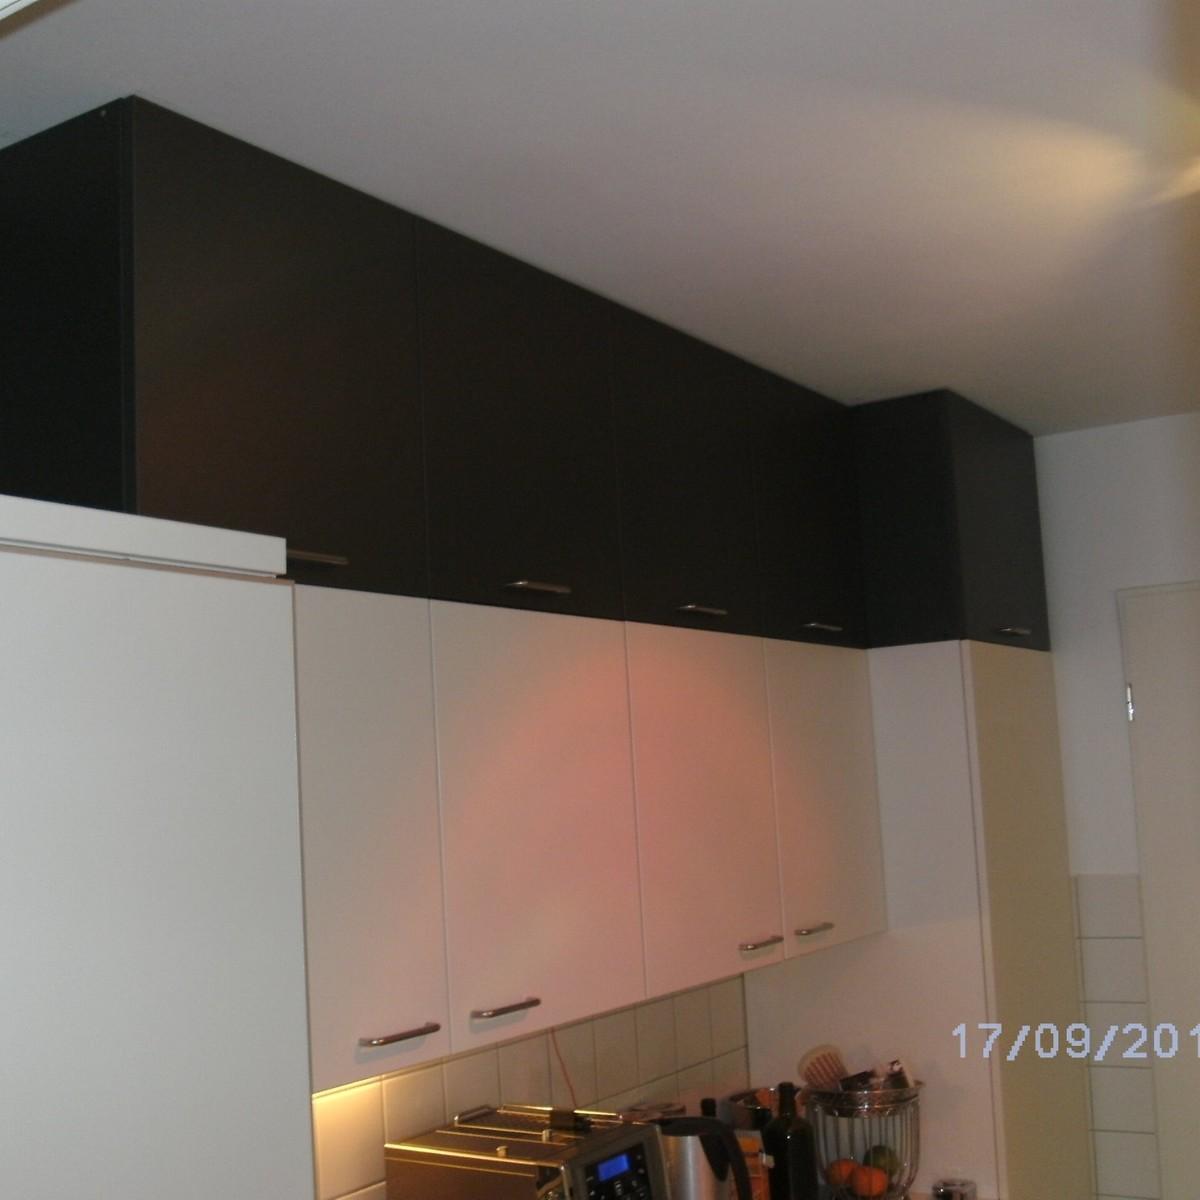 zusätzliche Oberschränke auf vorhandene Küche gebaut